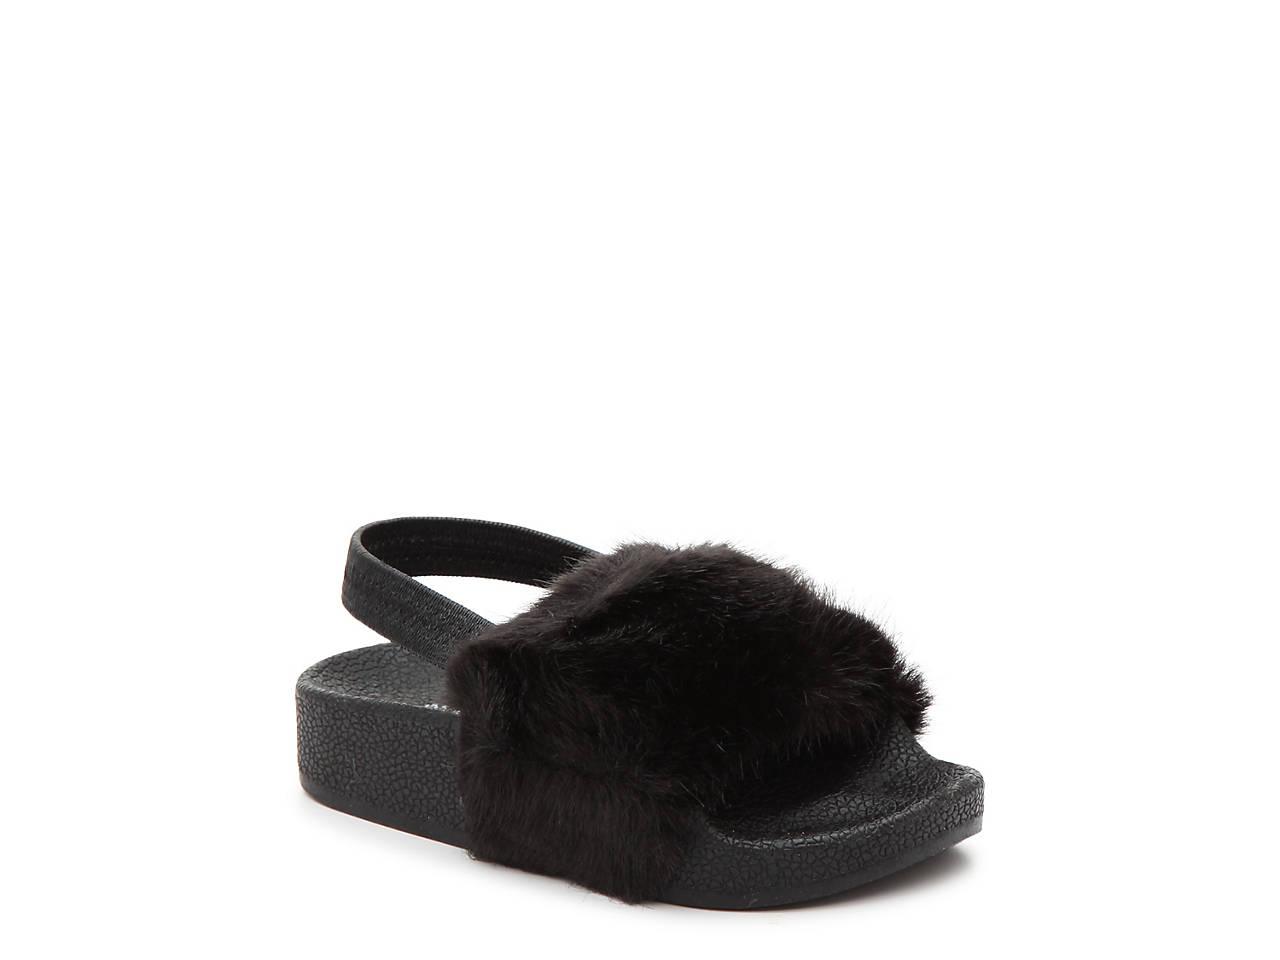 c3127383913 Softey Slide Sandal - Kids'